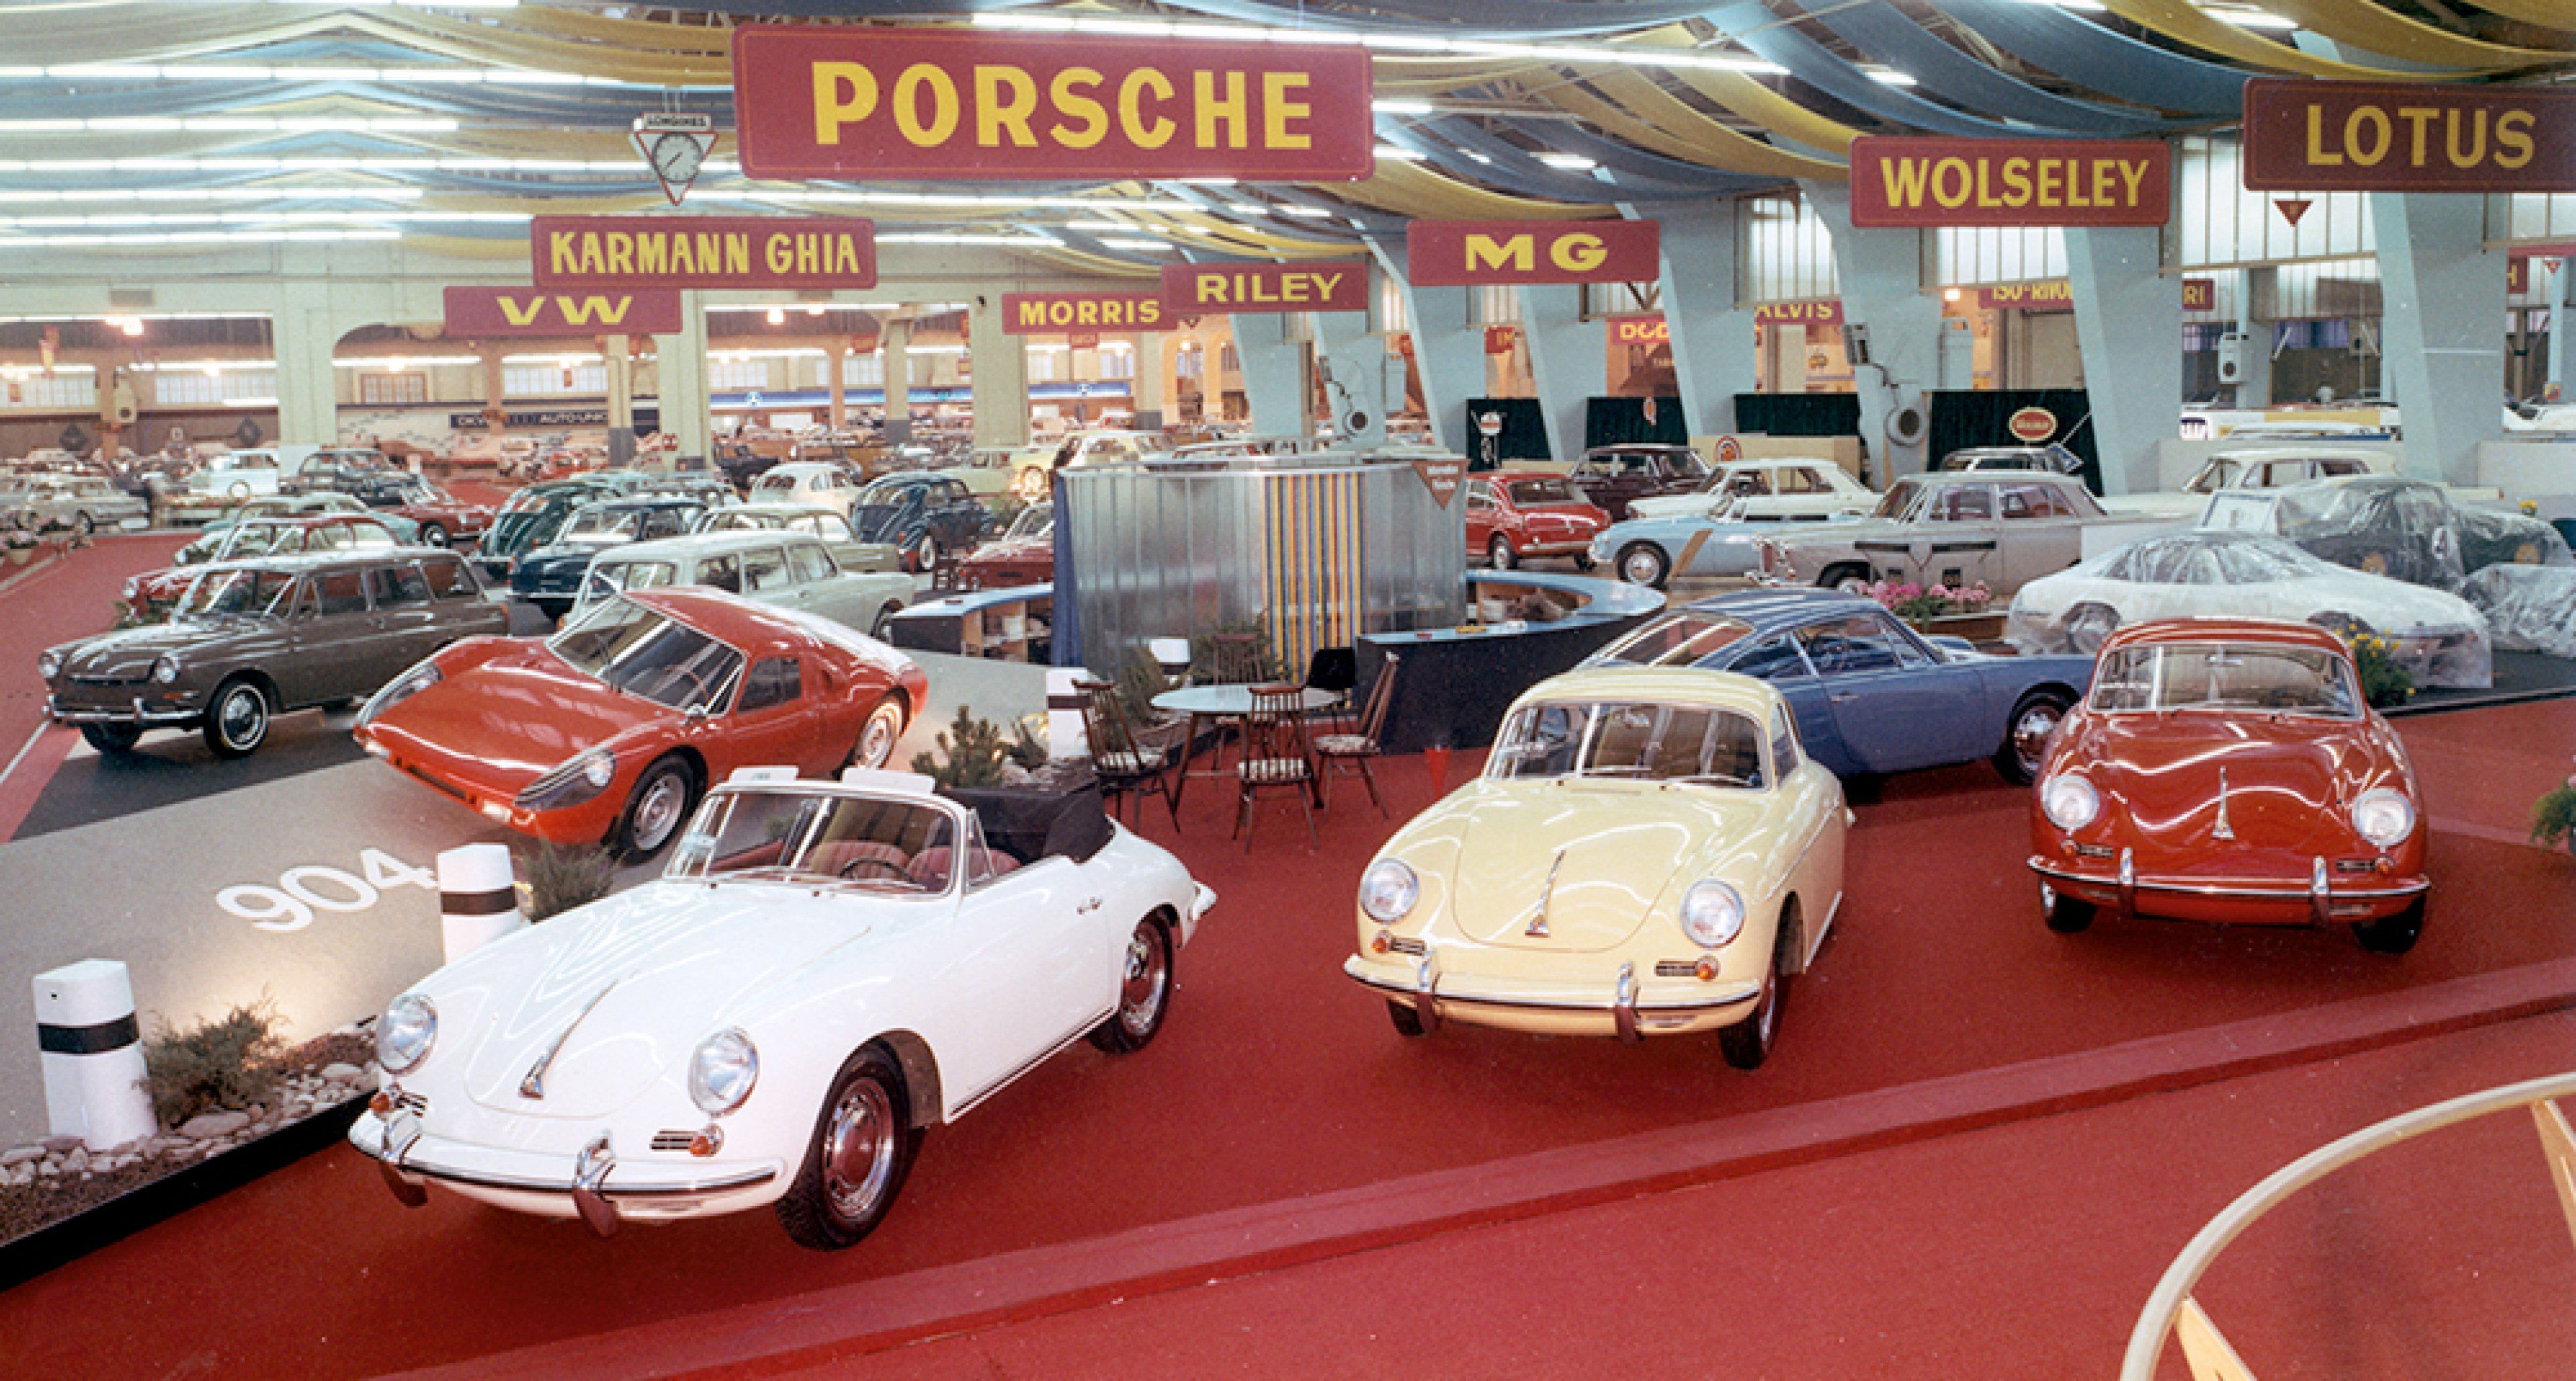 Porsche's 1964 range at the Geneva Motor Show - 356 C, 904 and 901-6 Prototype.